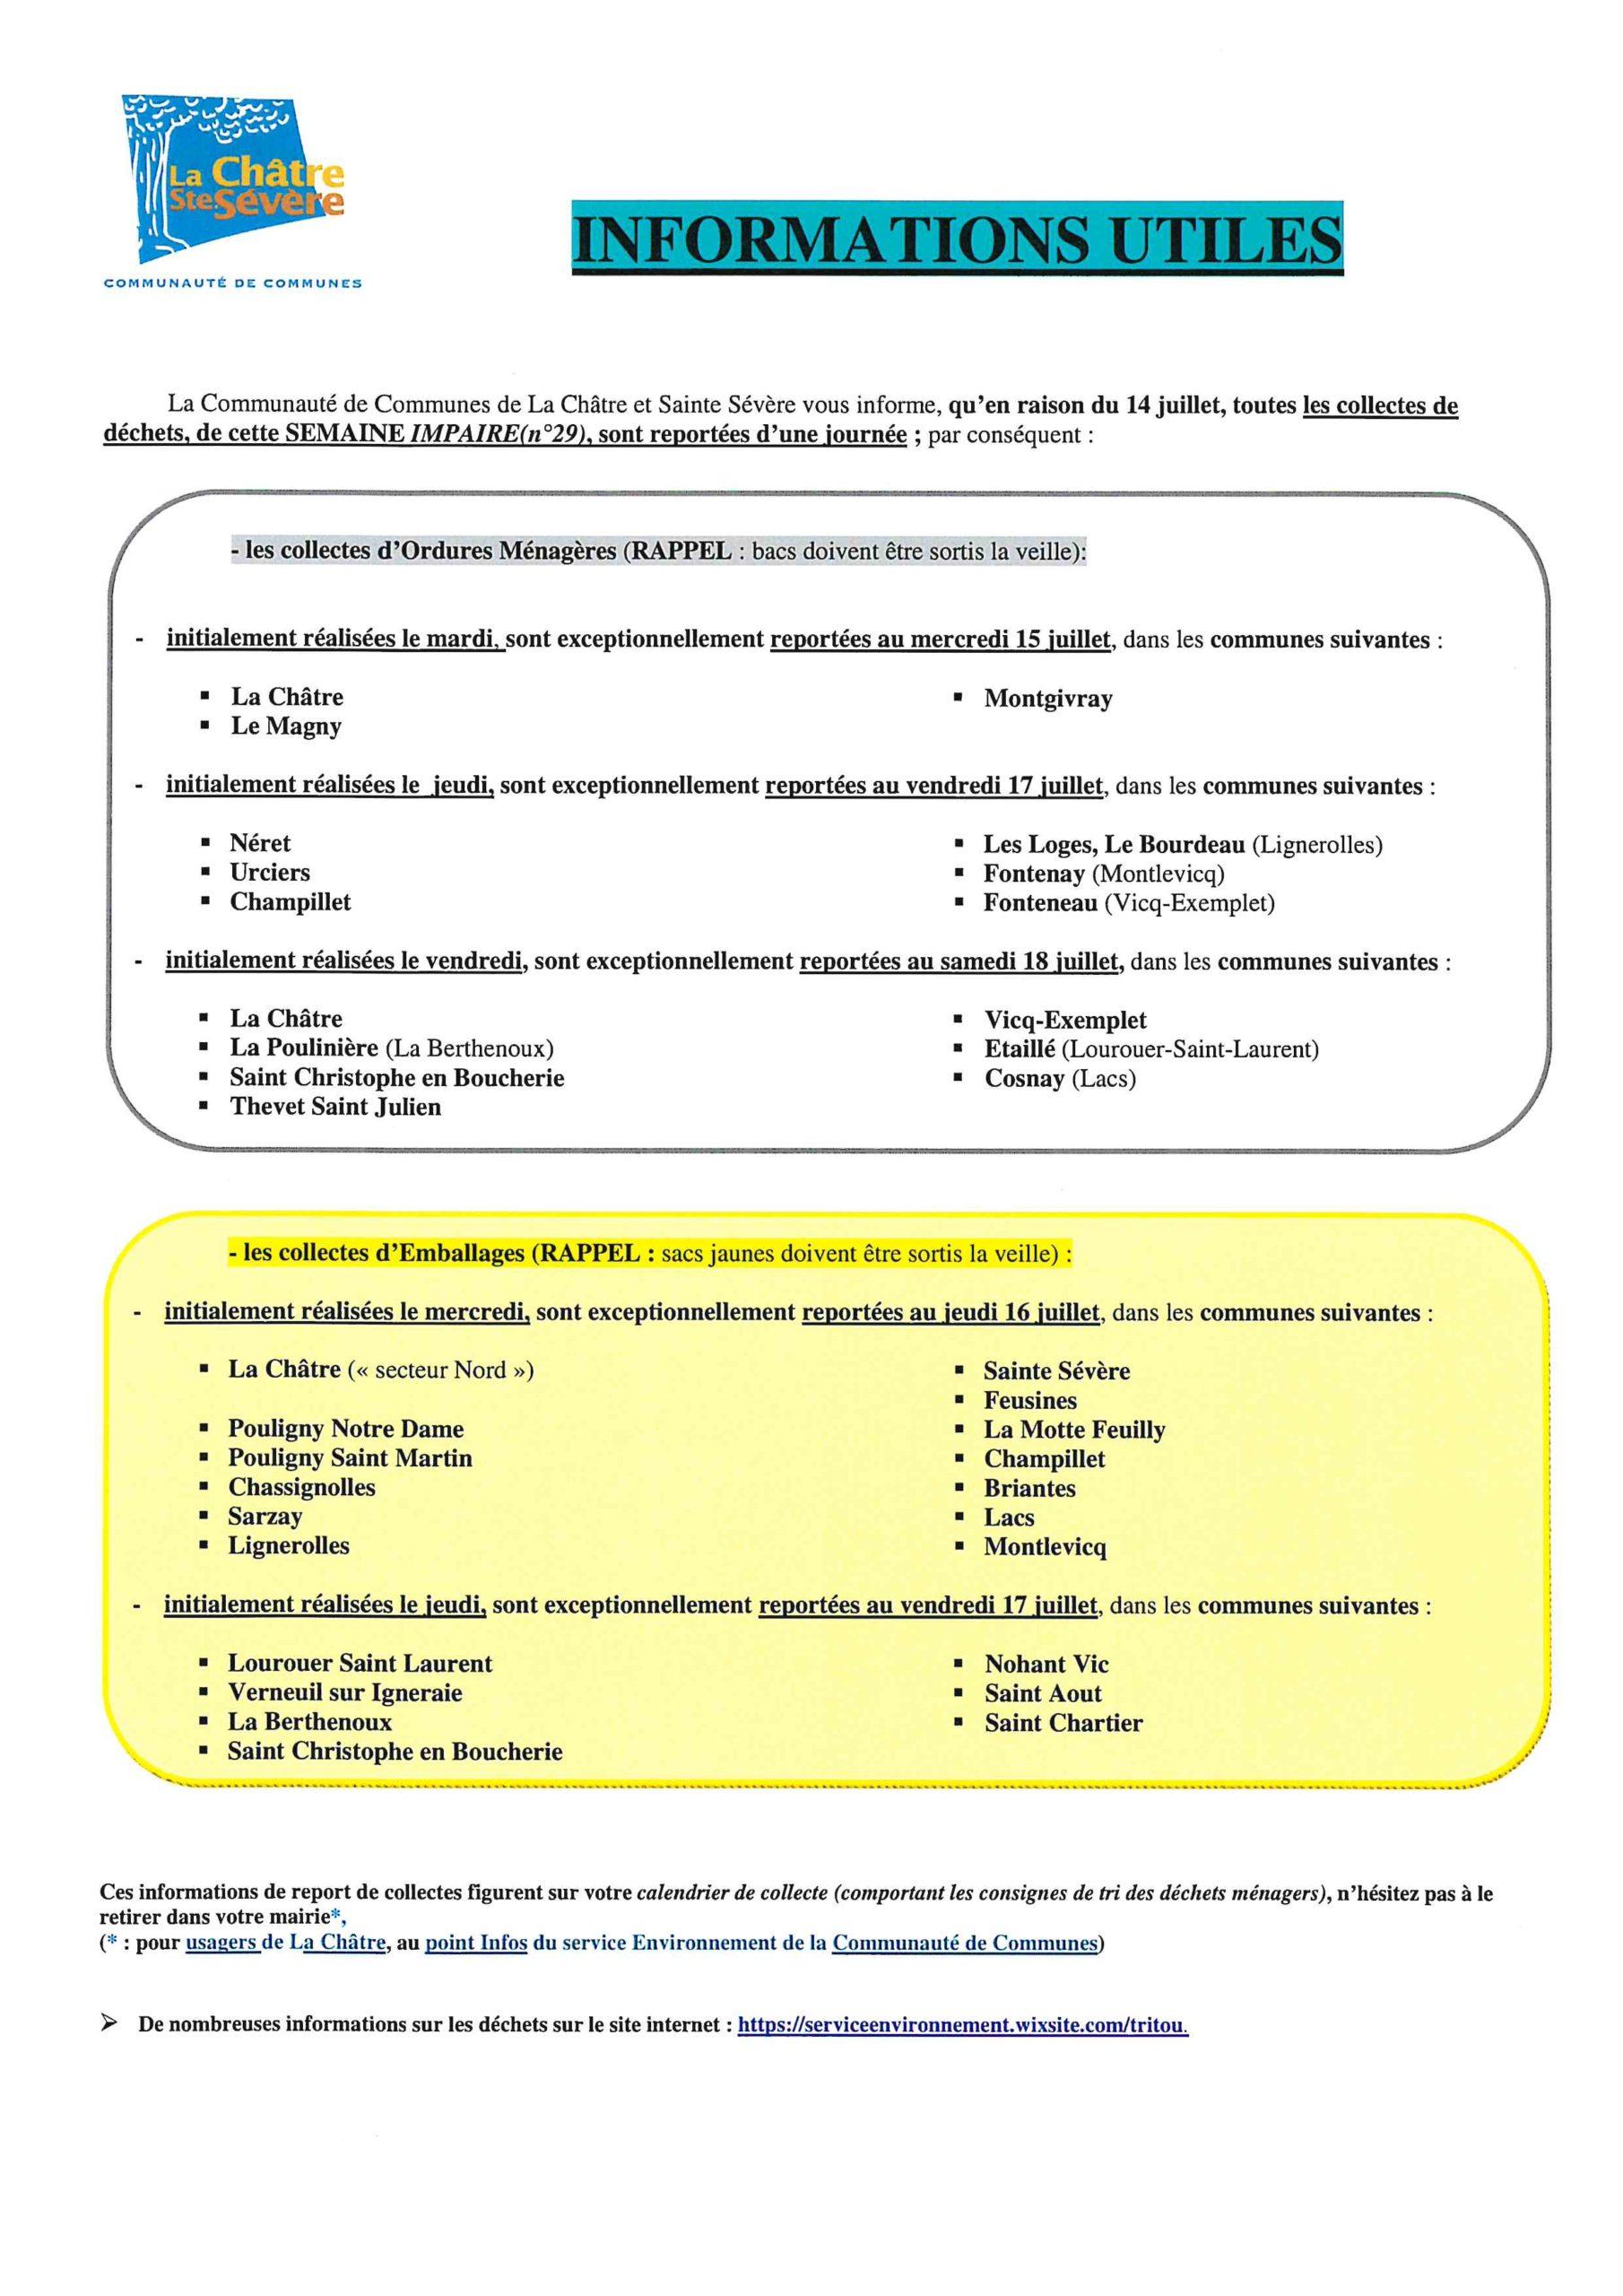 INFORMATION RAMASSAGE ORDURES MENAGERES